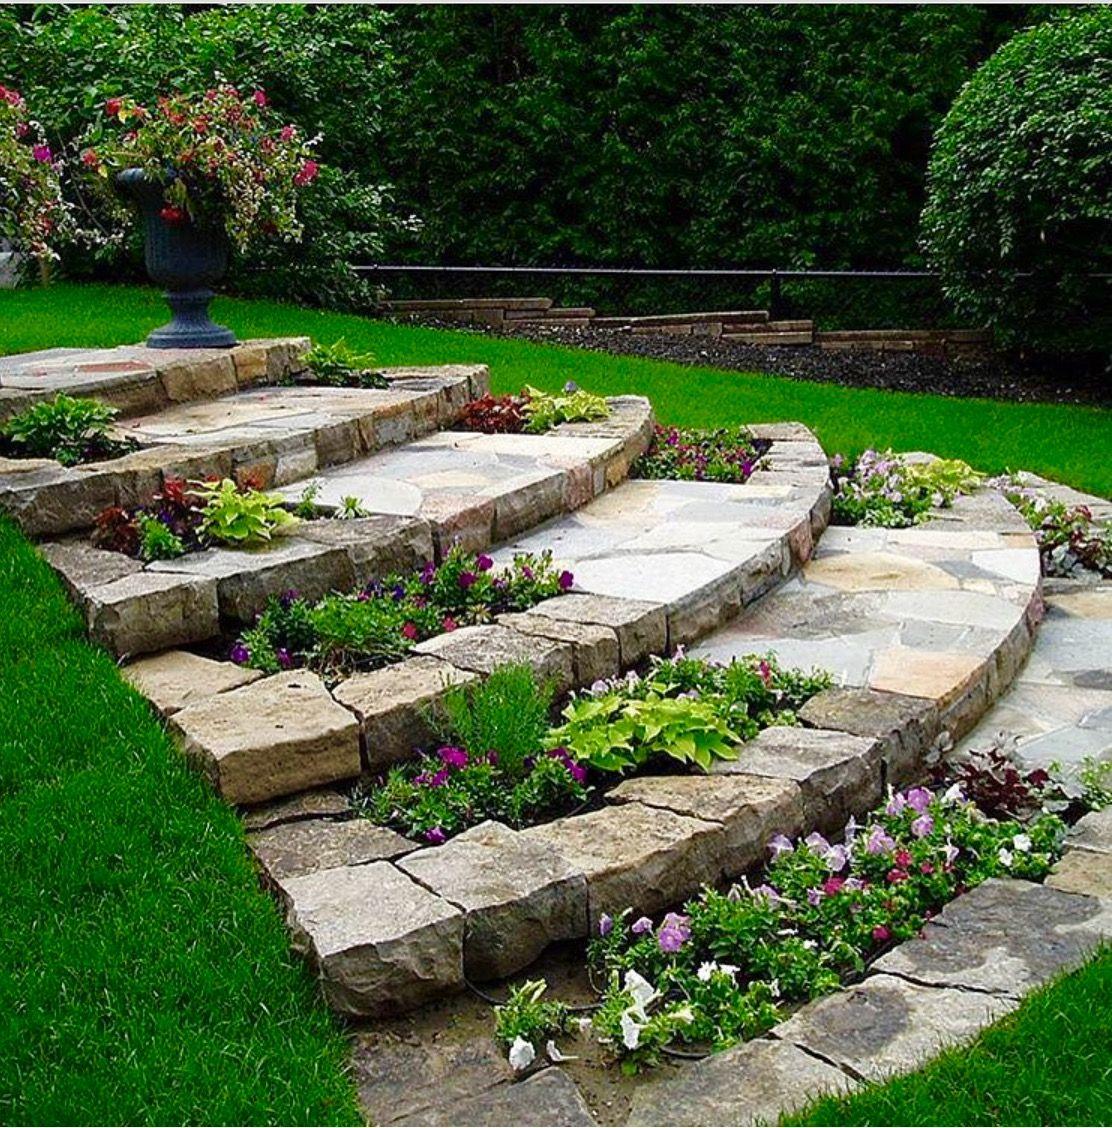 Fuentes de jardin baratas agua fuentes juego de for Fuentes de jardin baratas